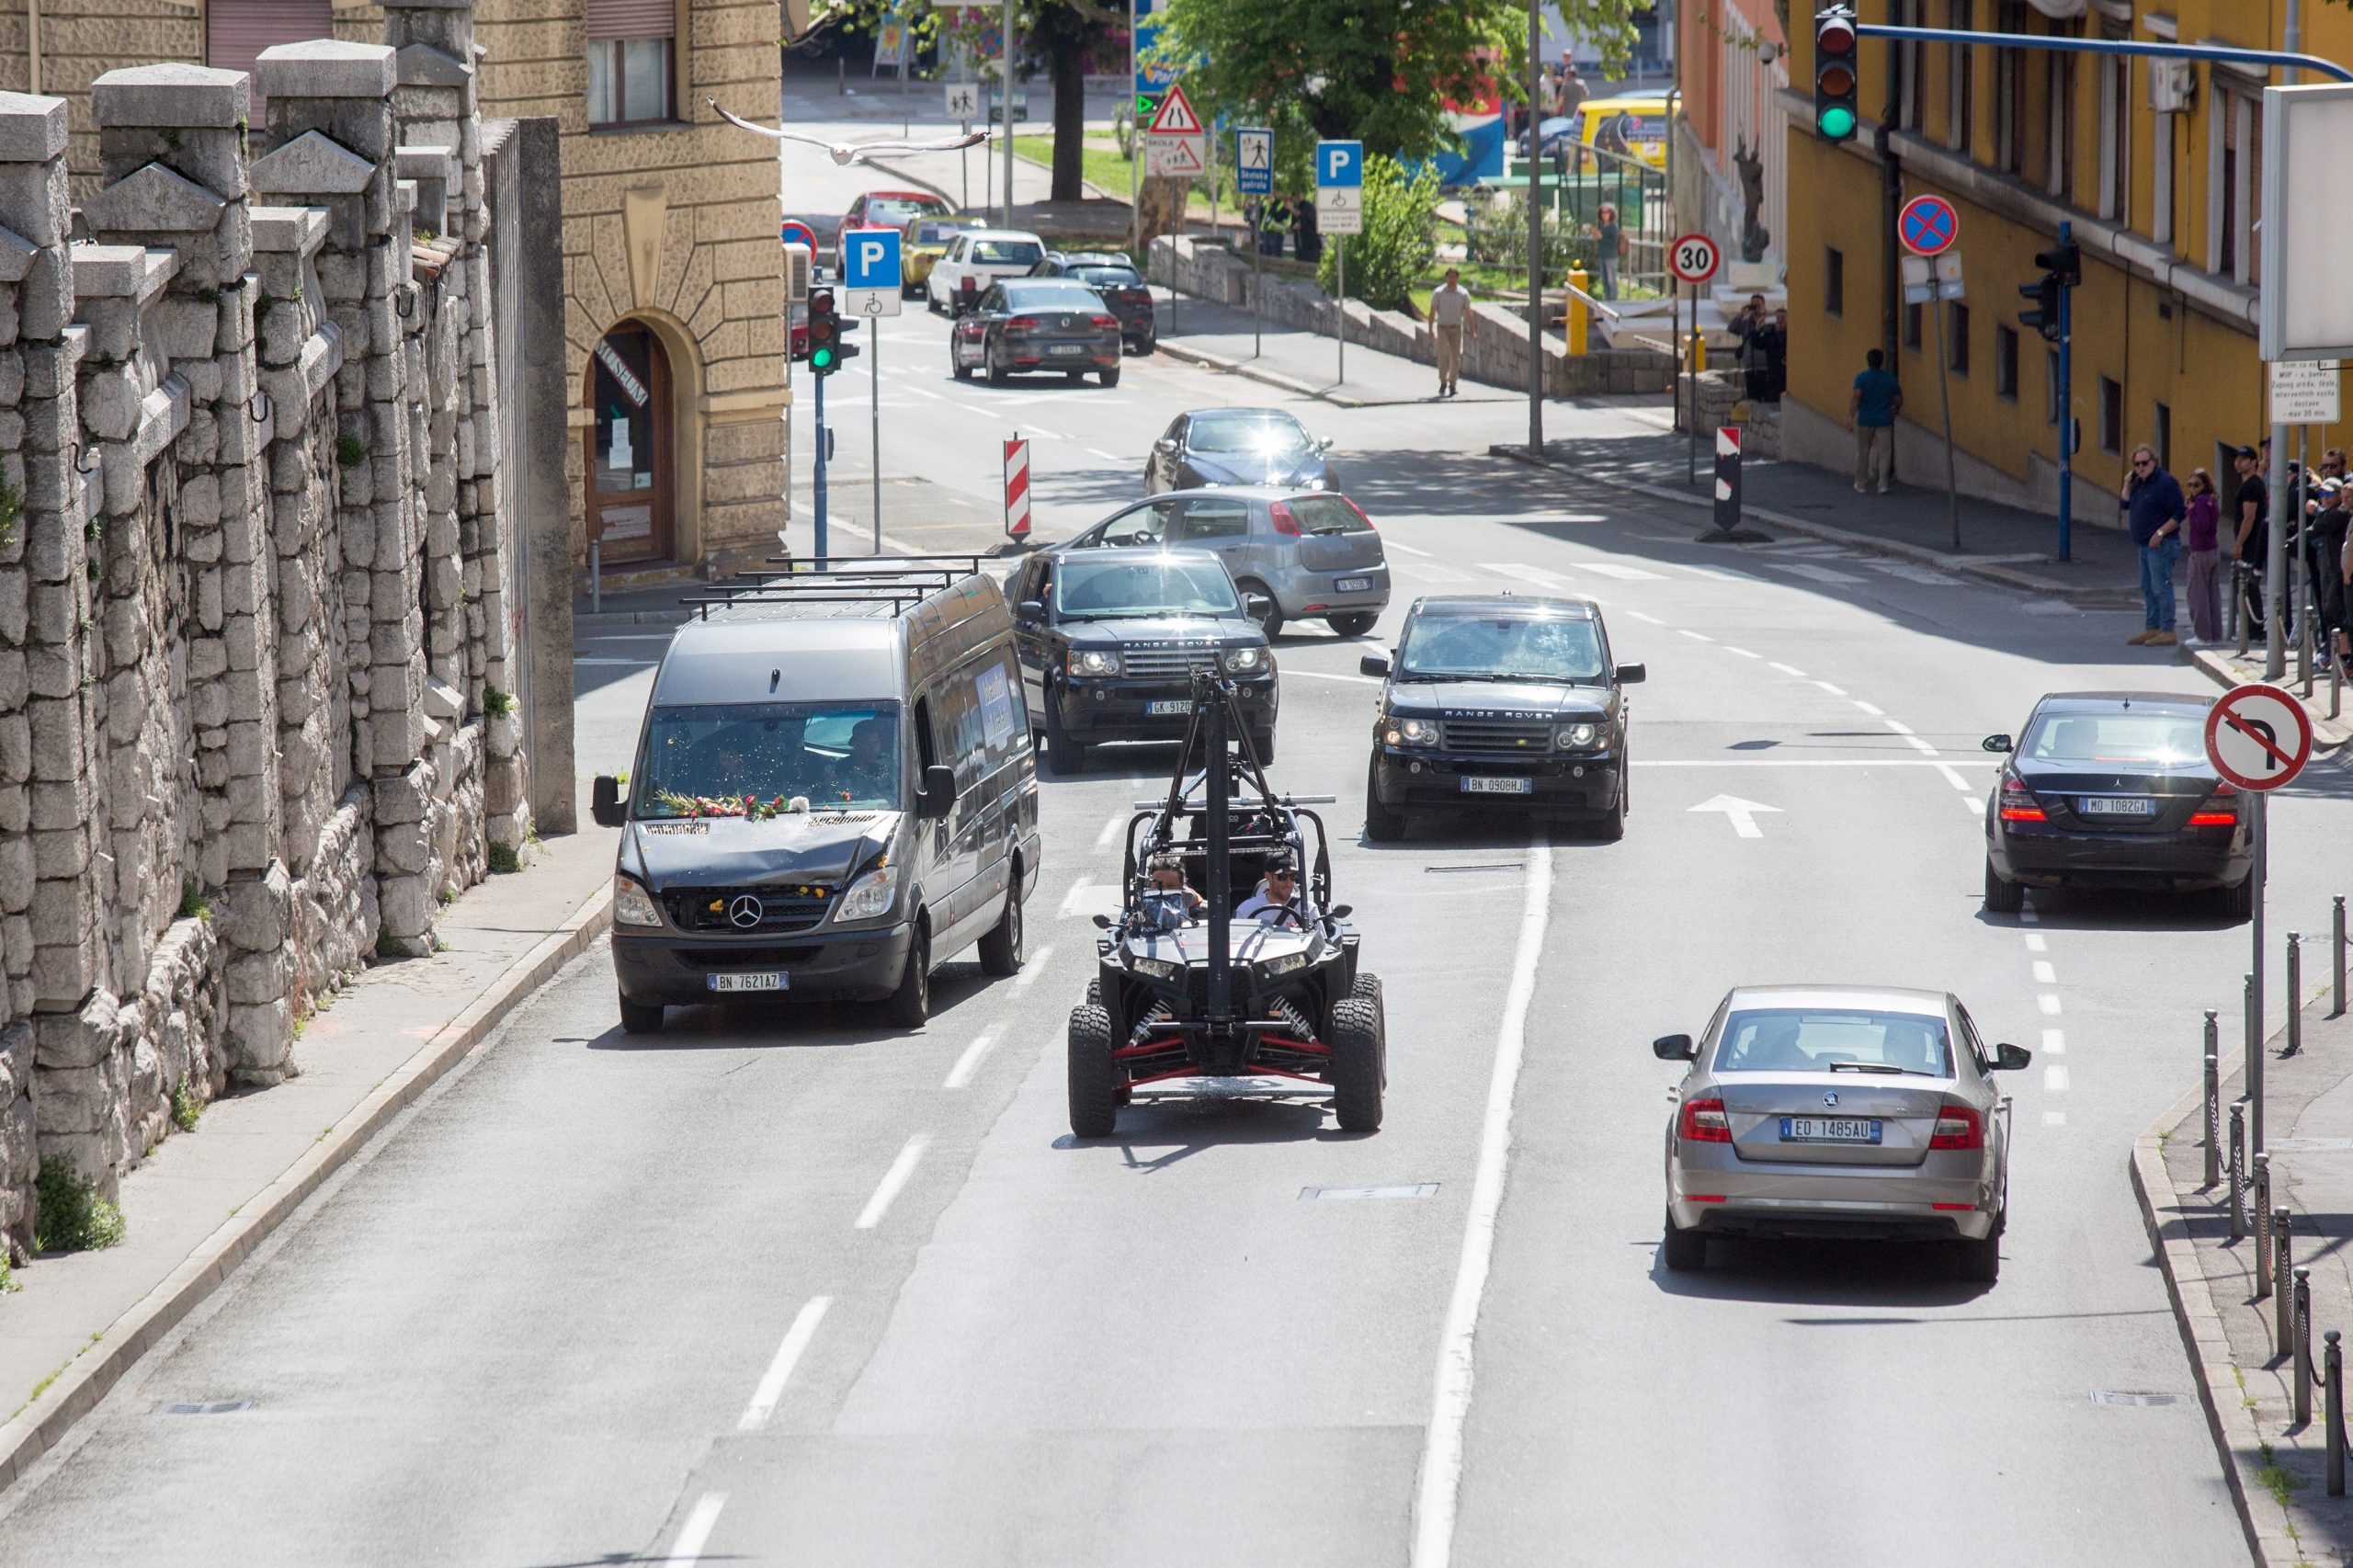 Akcija u blizini zatvora, Foto: NEL PAVLETIĆ/PIXSELL